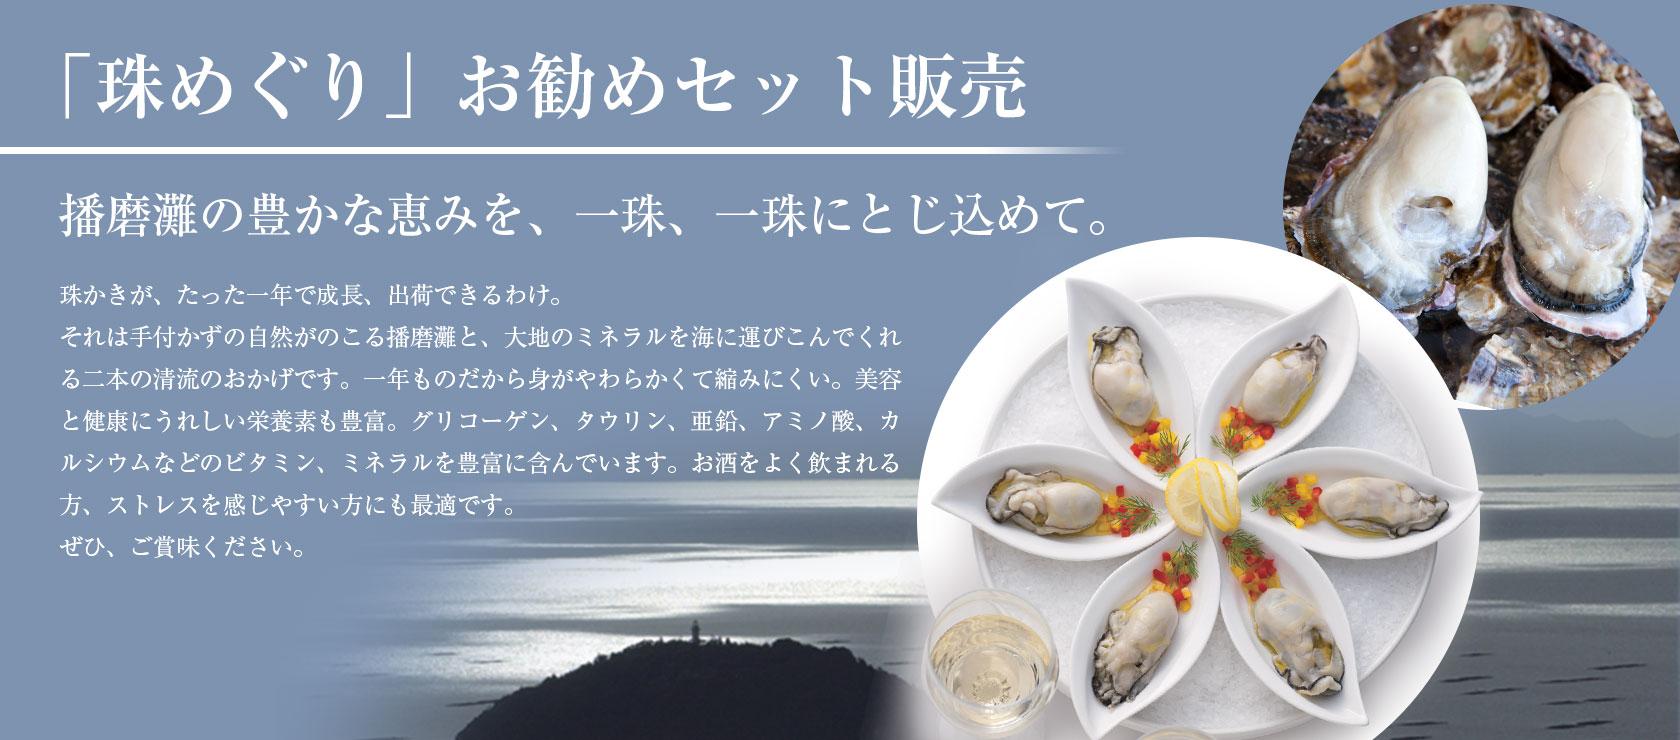 播磨灘産牡蠣通販 珠めぐり